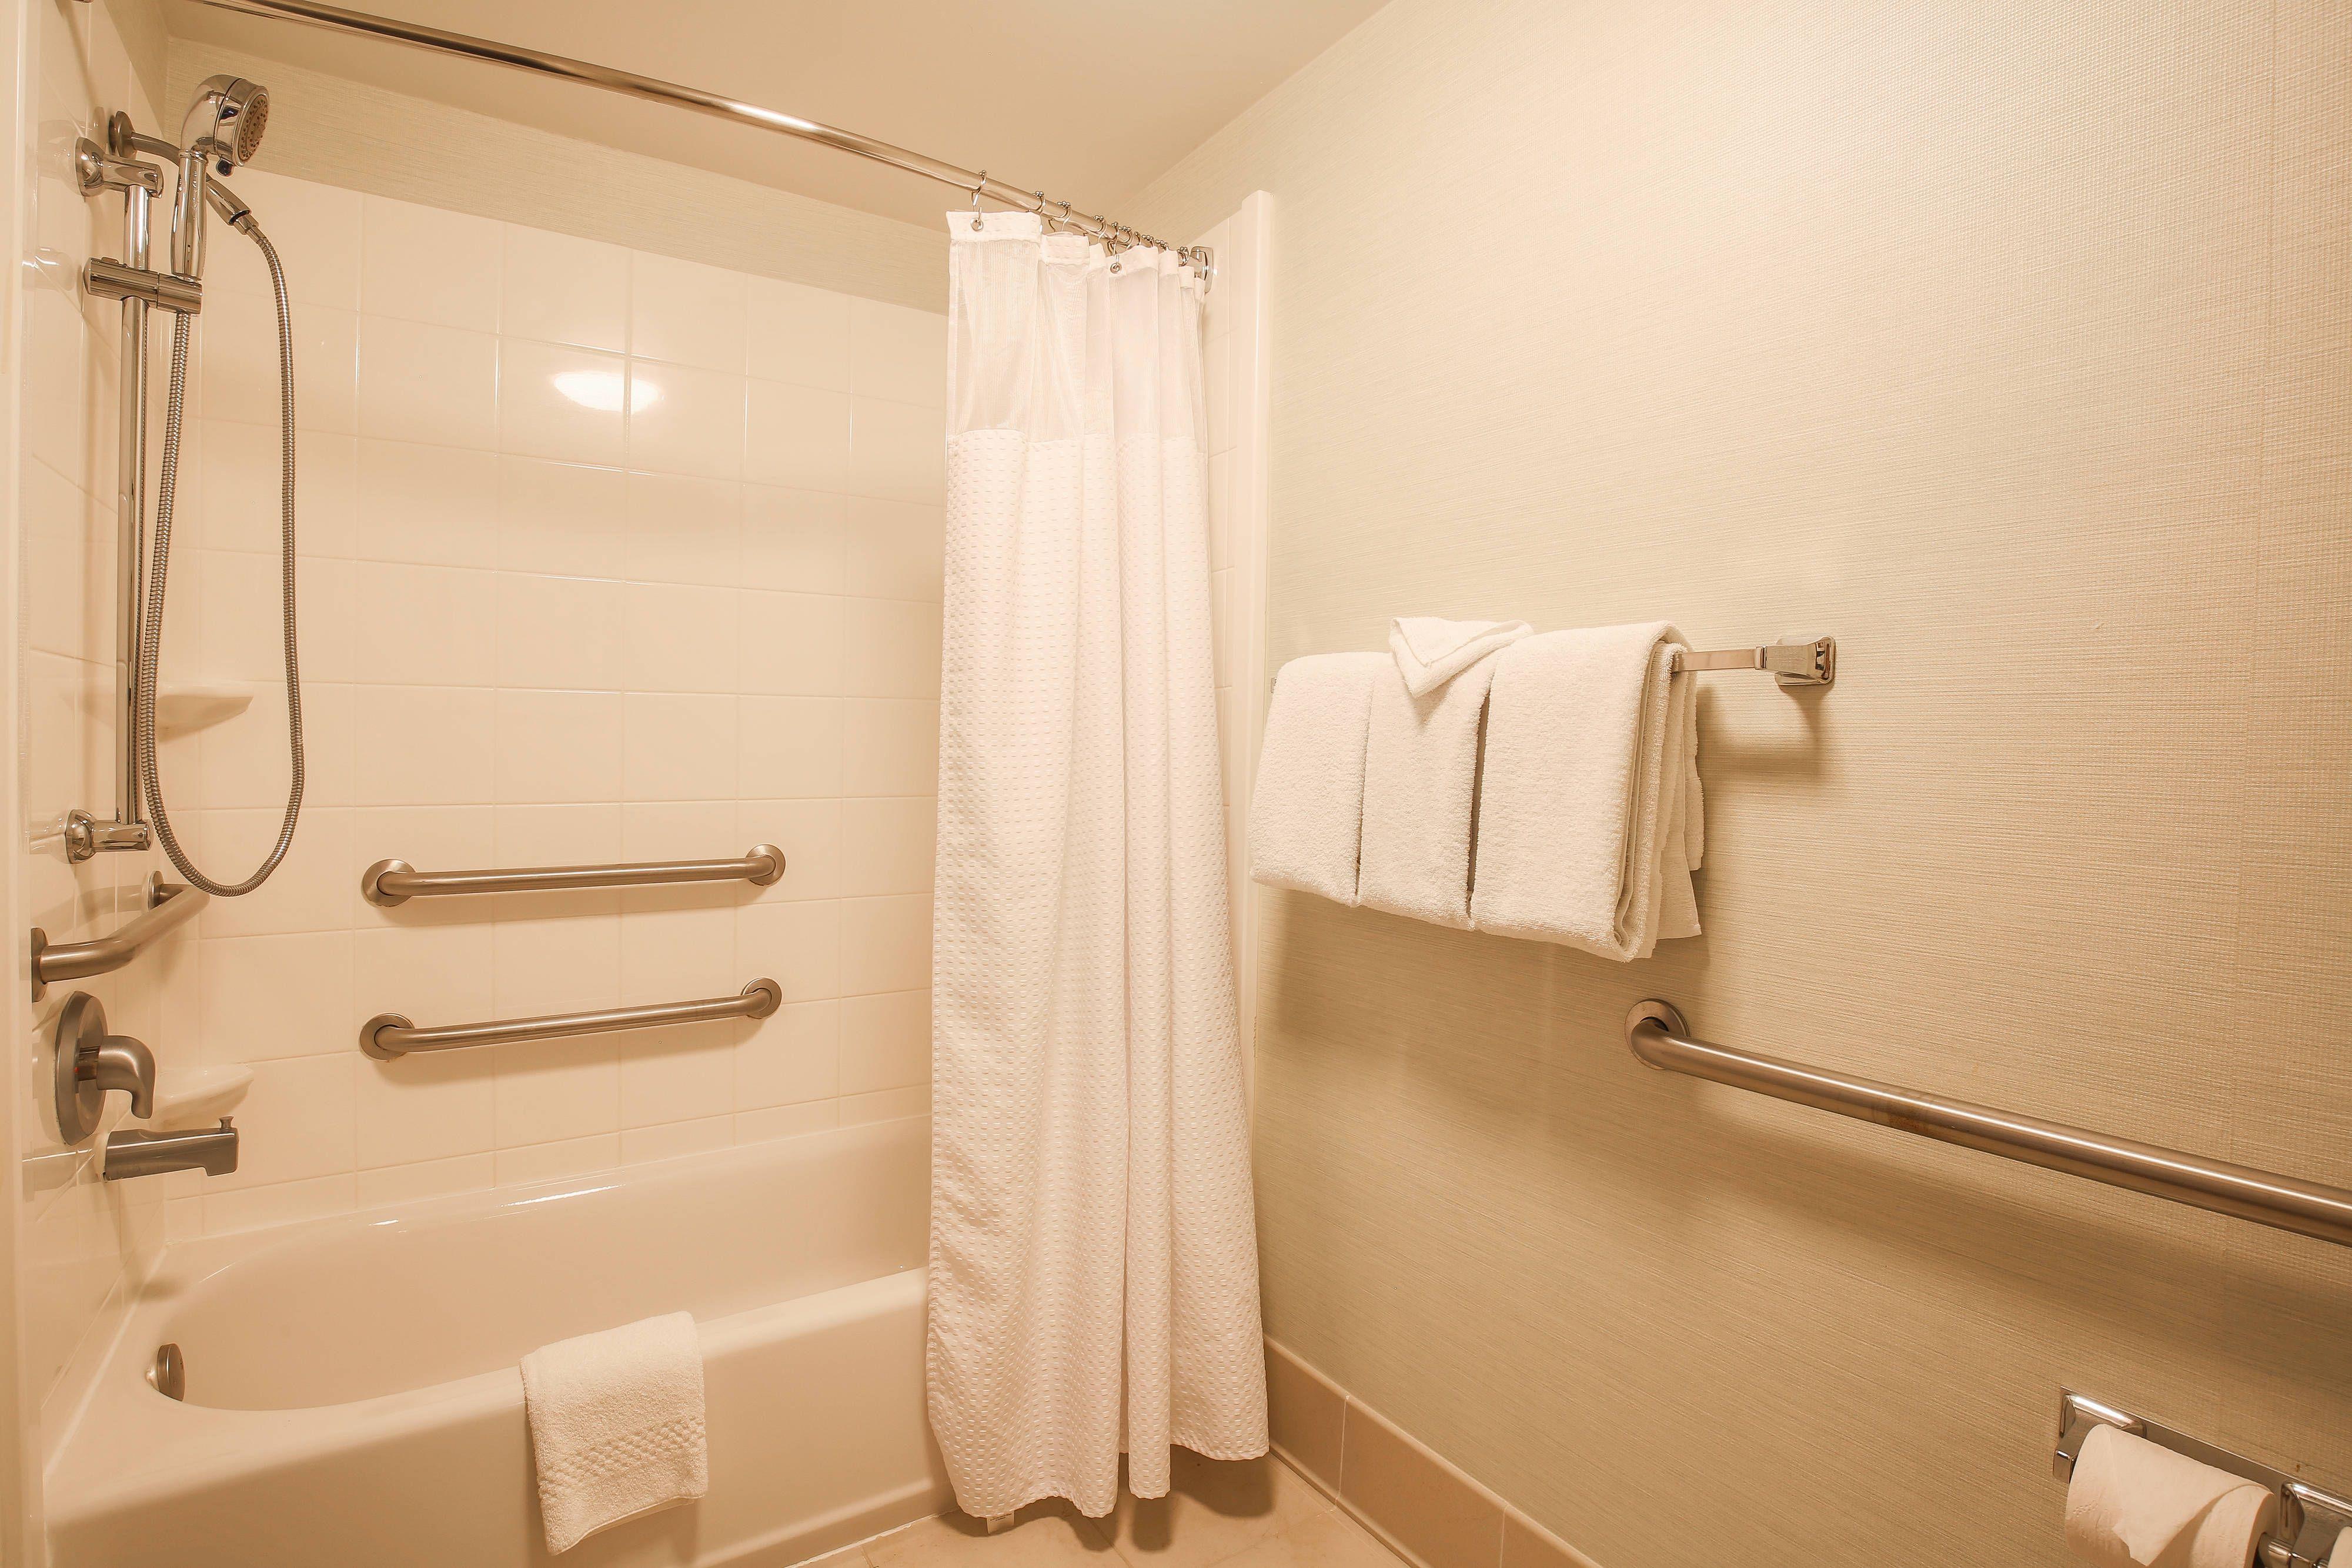 Courtyard Flint Grand Blanc Accessible Bathroom Bathtub Guestroom